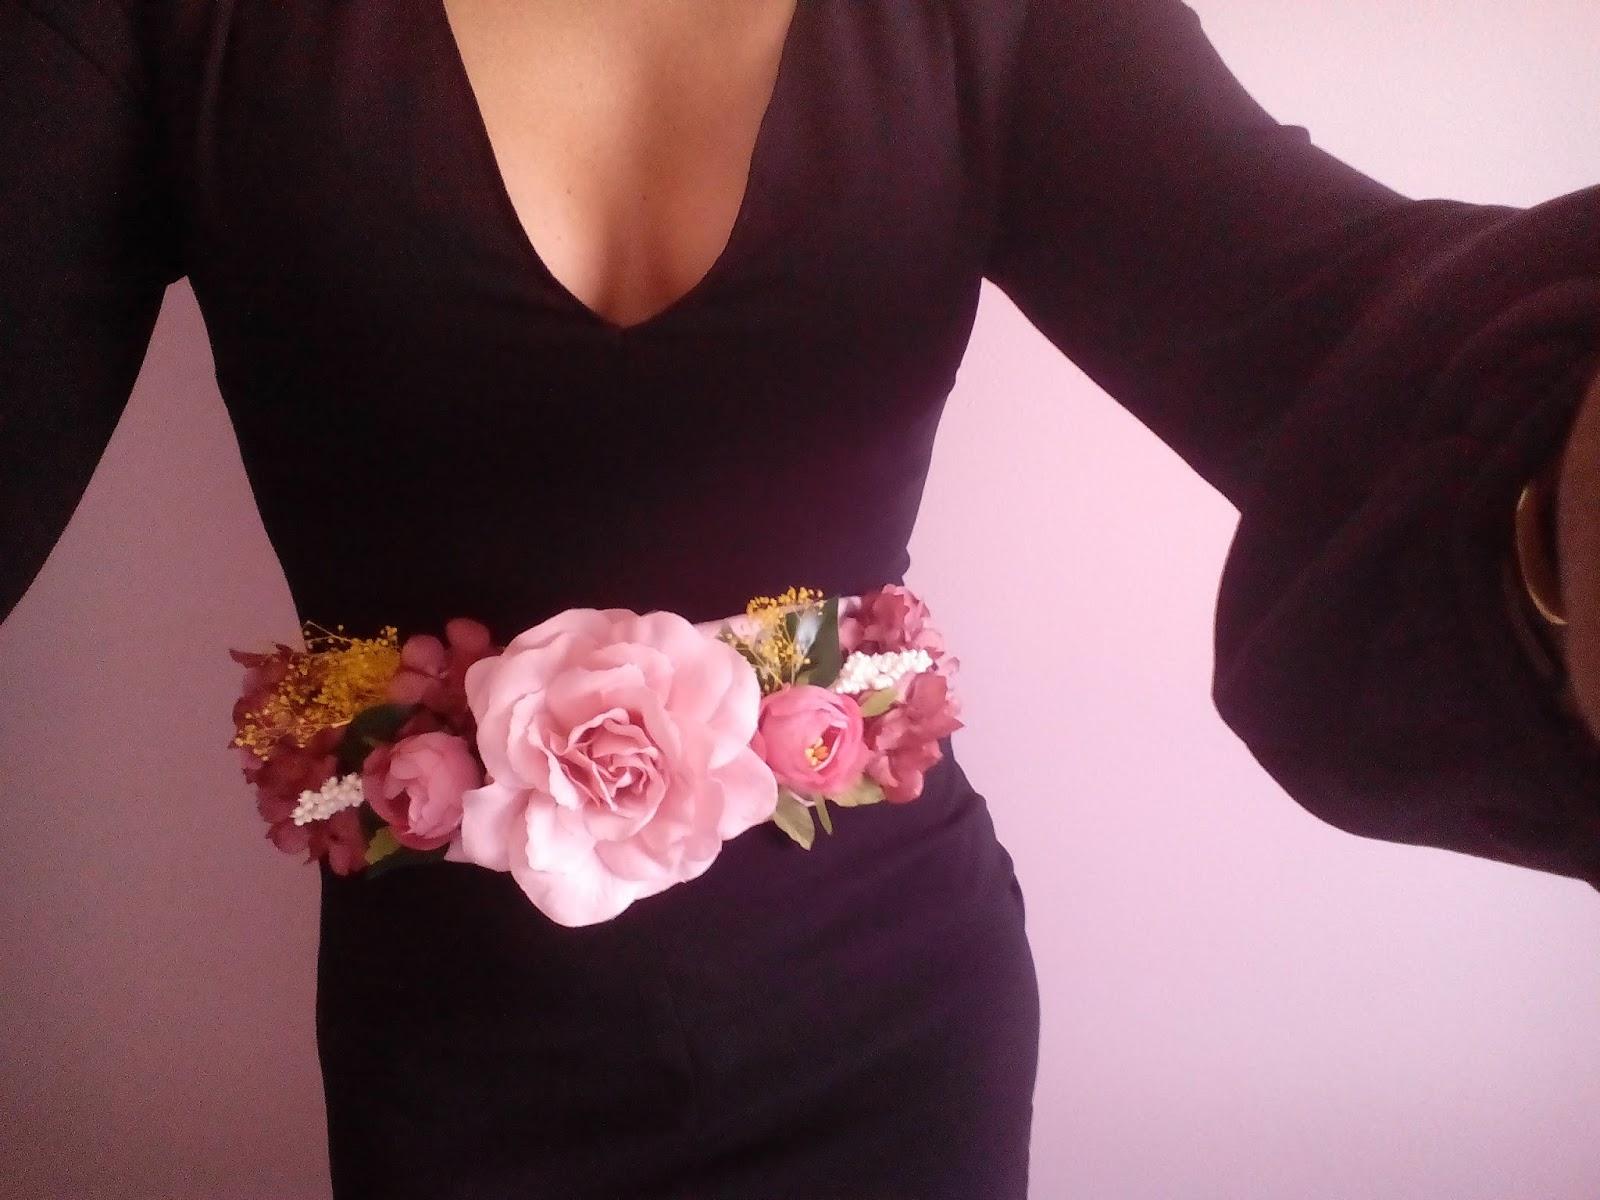 Vestidos de fiesta con cinturones de flores